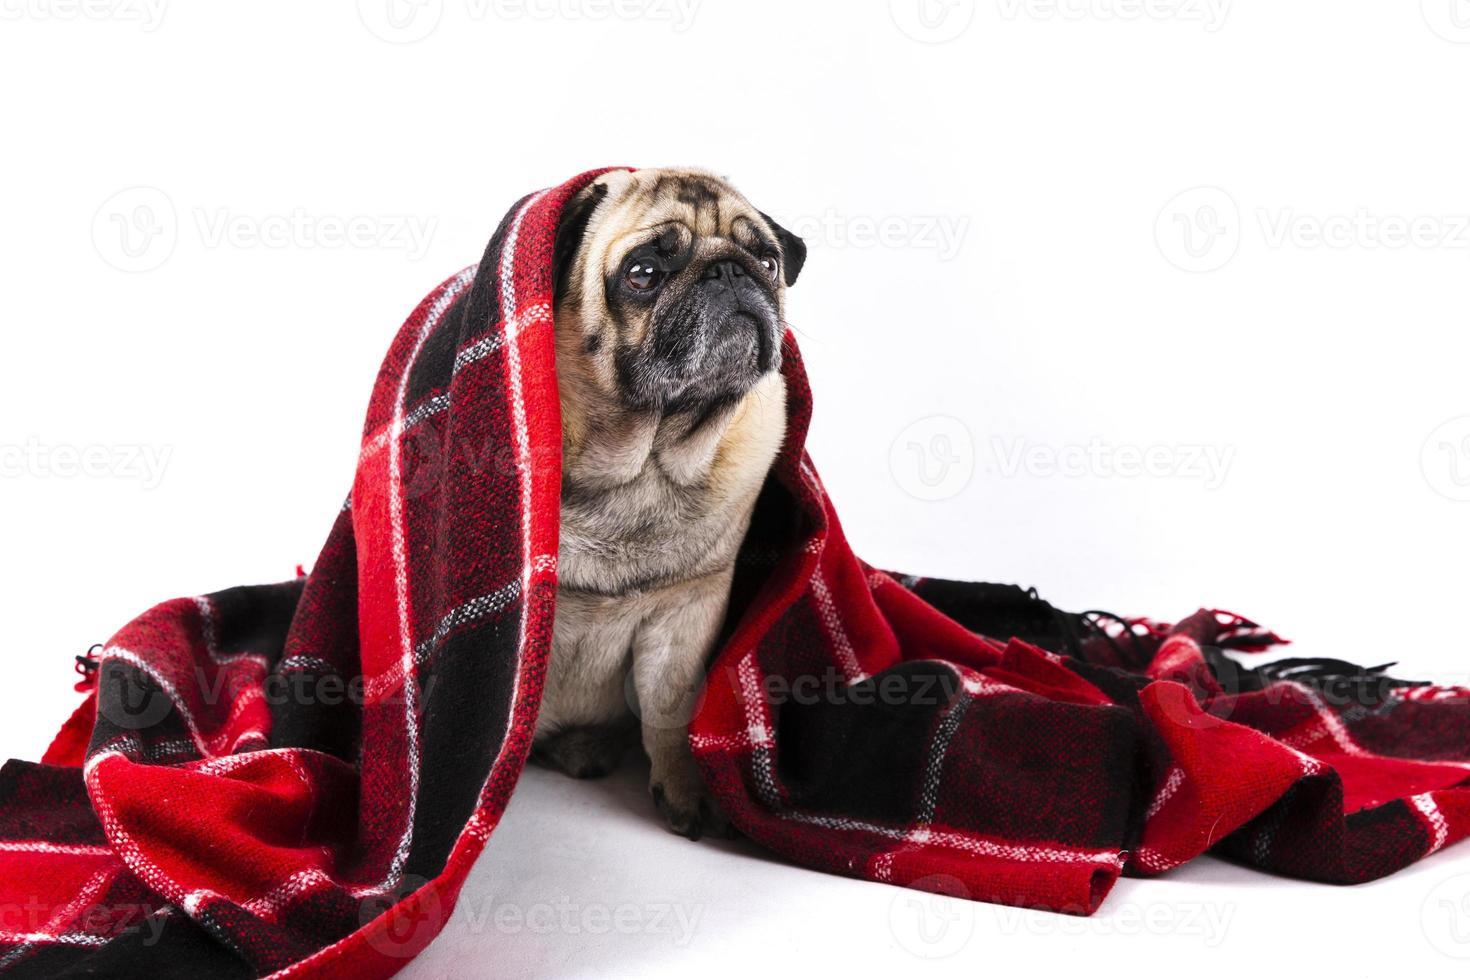 süßer Mops Hund bedeckt mit roter und schwarzer Decke foto